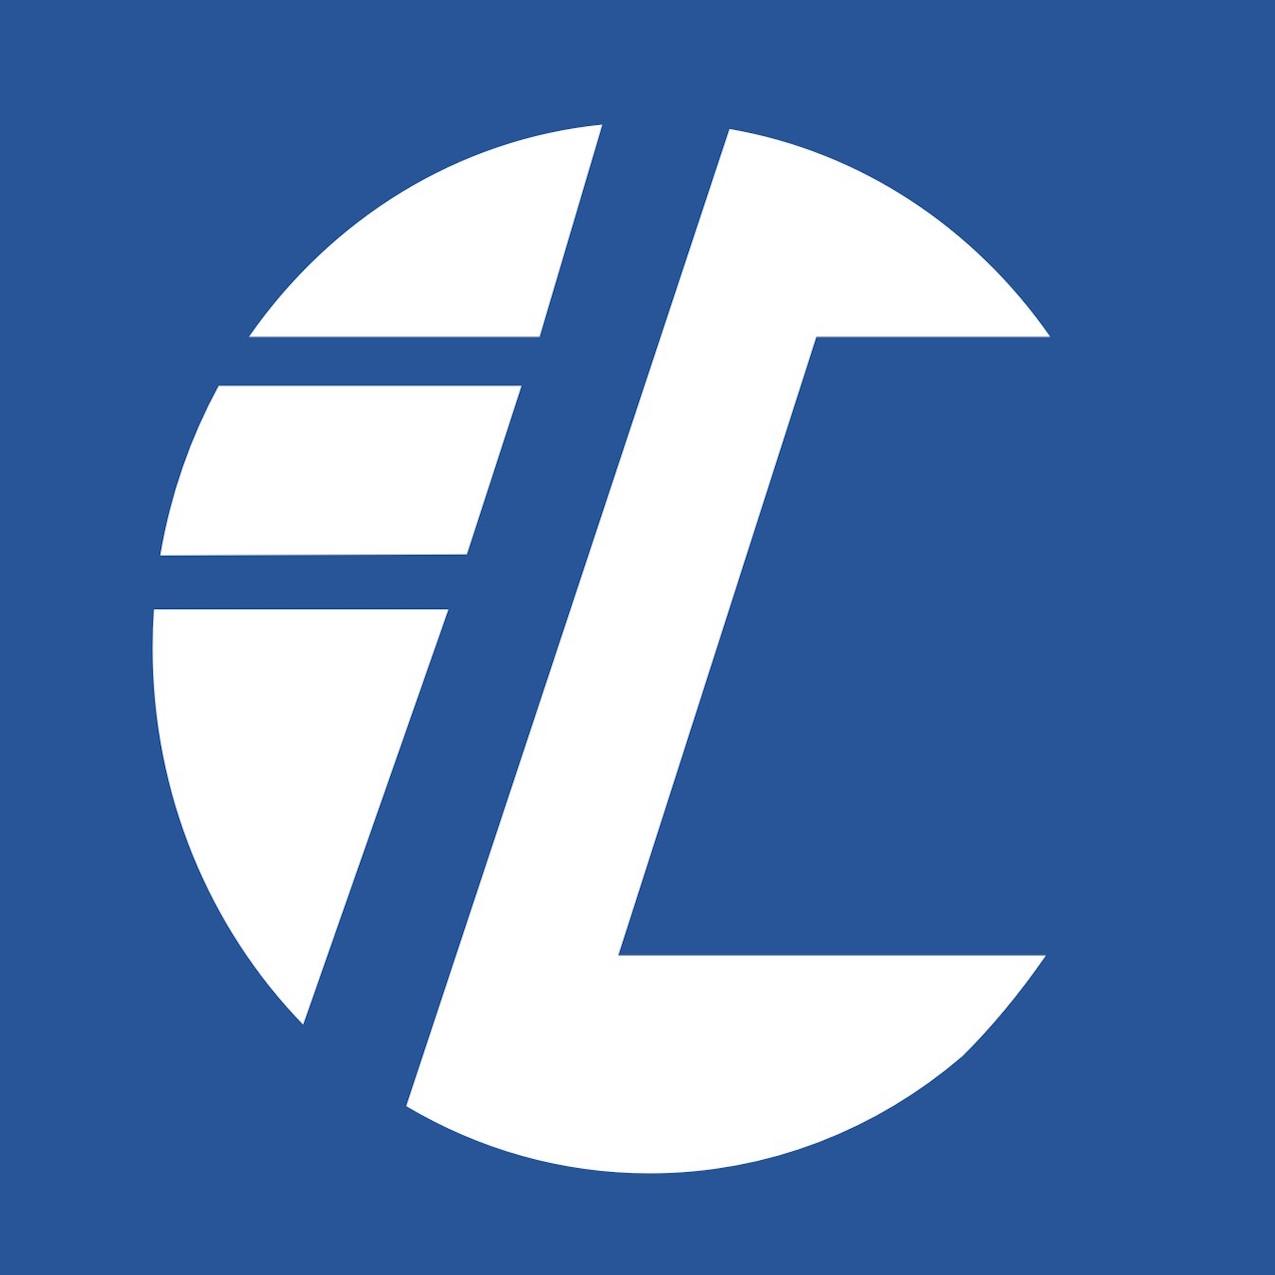 汇通天下跨境乐虎娱乐国际城保税仓服务